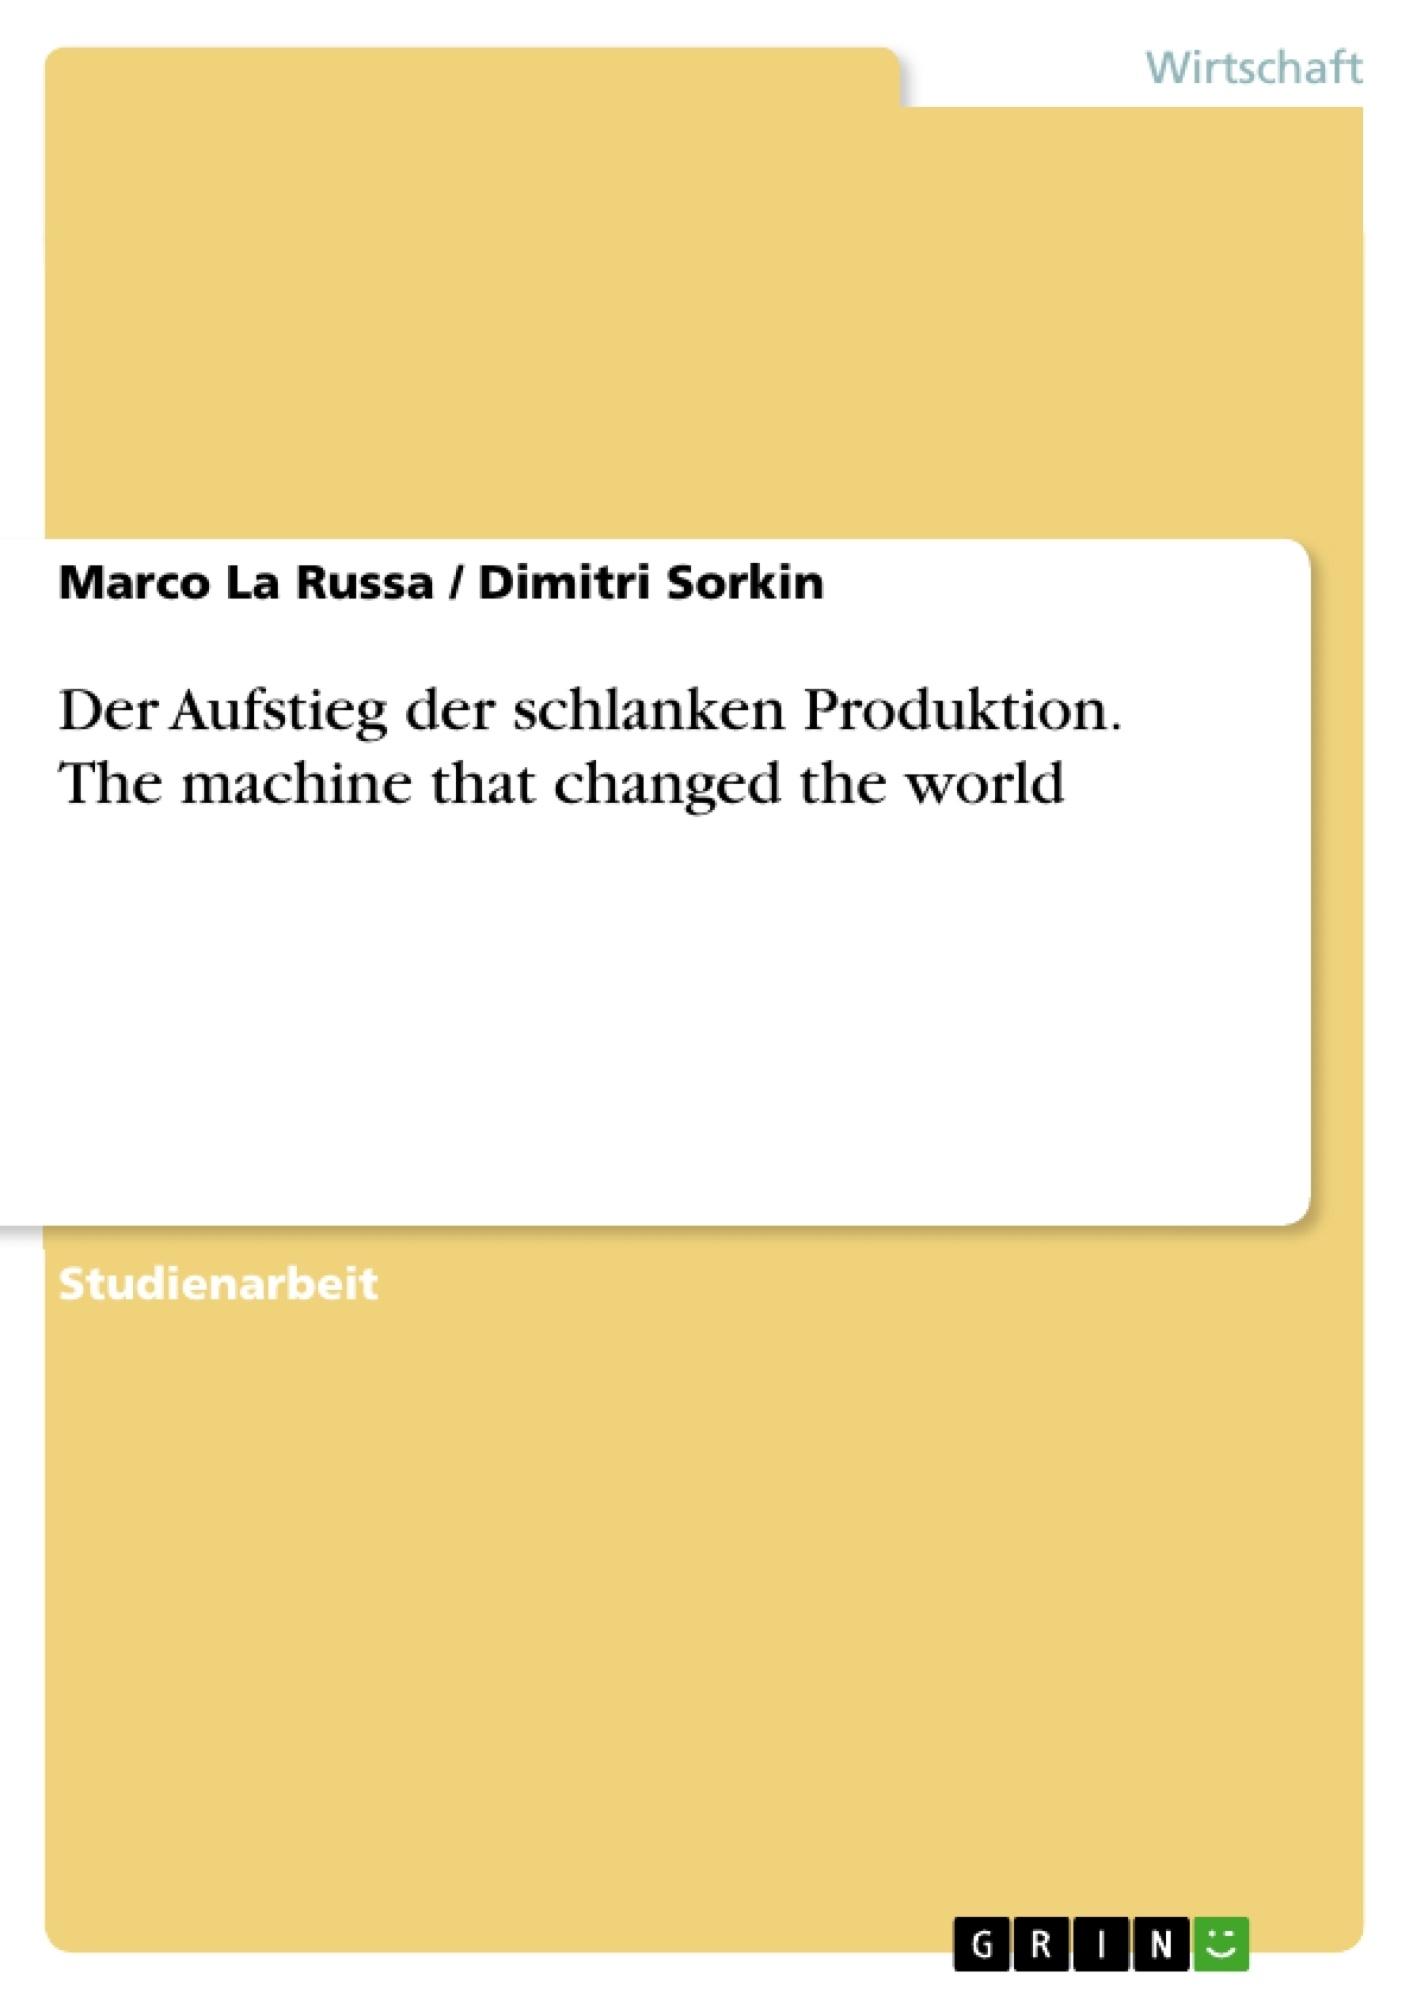 Titel: Der Aufstieg der schlanken Produktion. The machine that changed the world